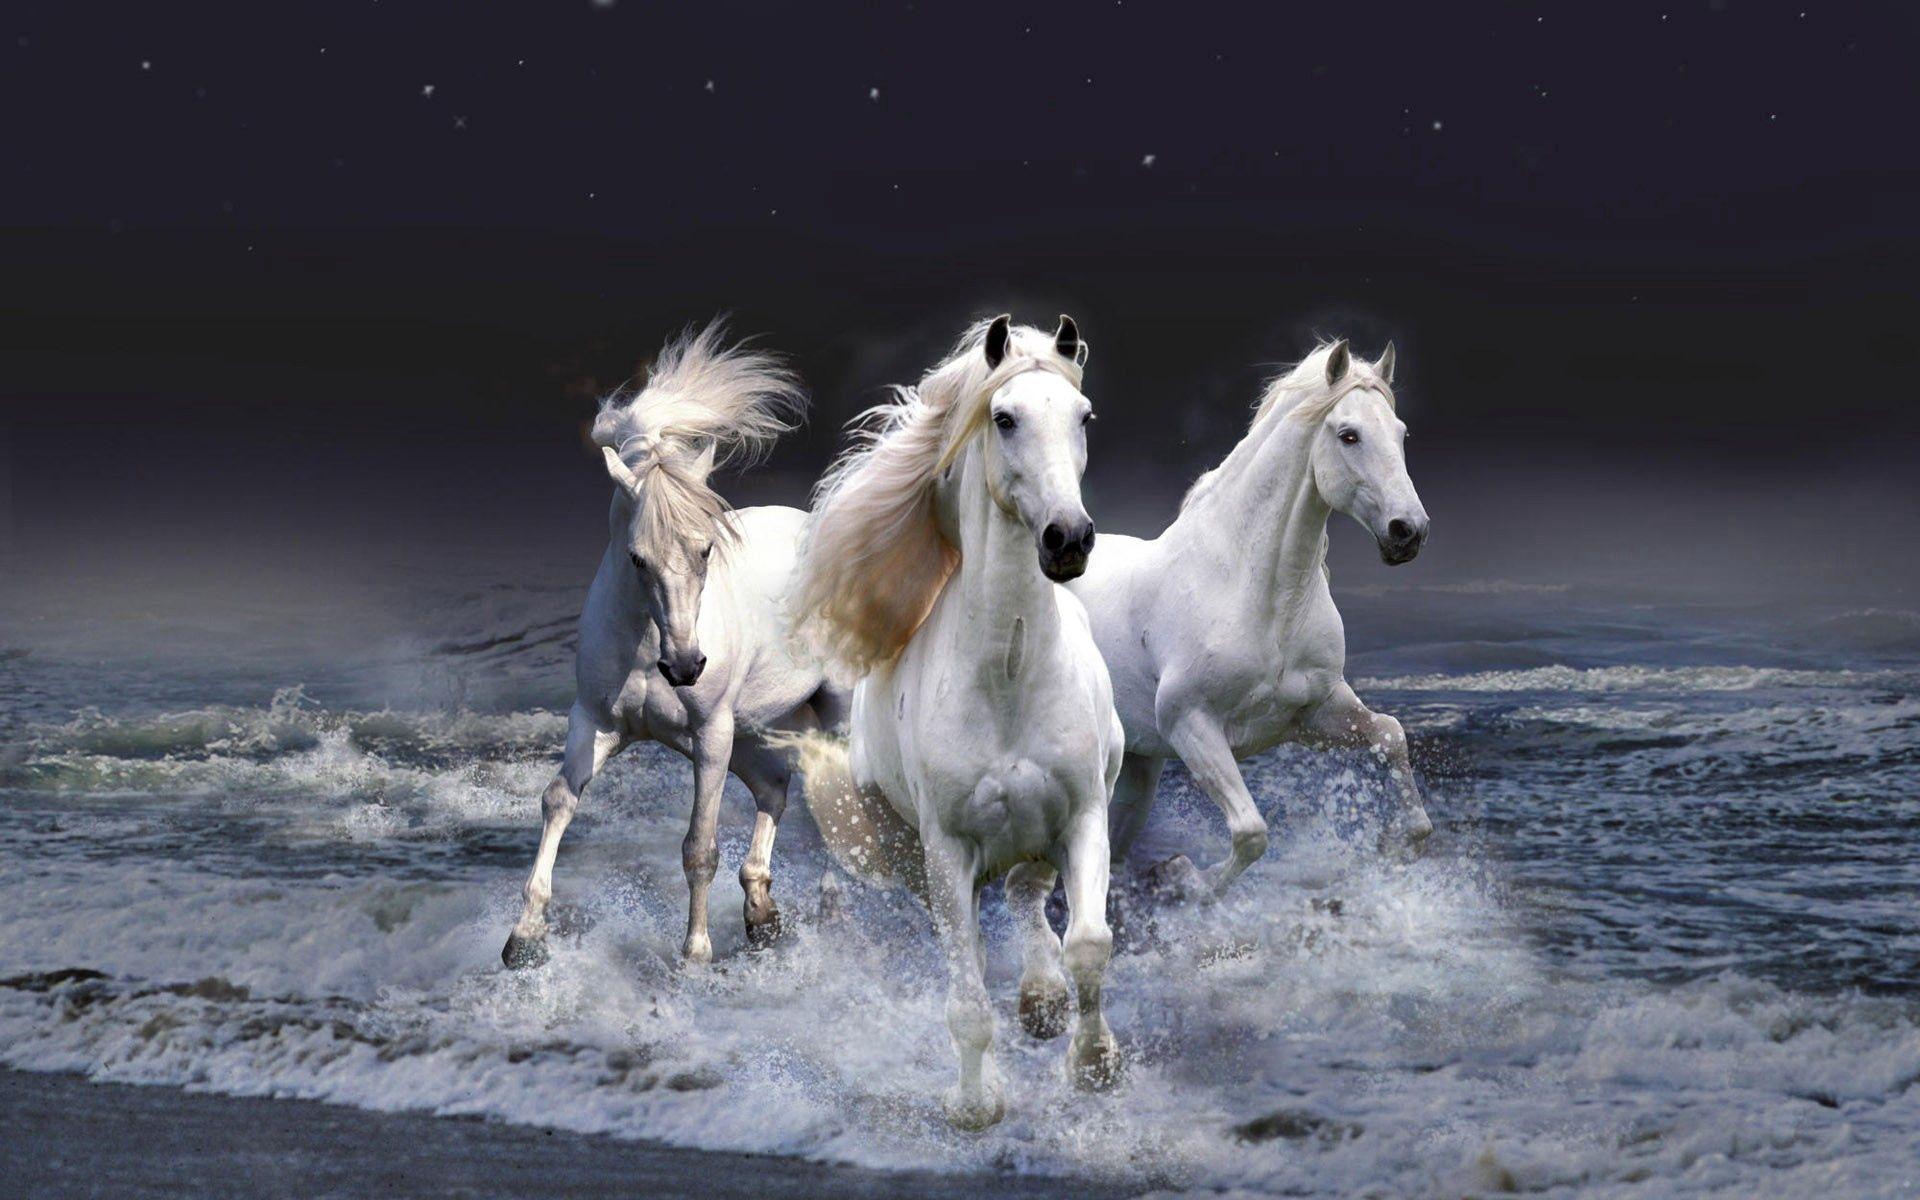 140631 скачать обои Животные, Лошади, Бег, Небо, Волны - заставки и картинки бесплатно